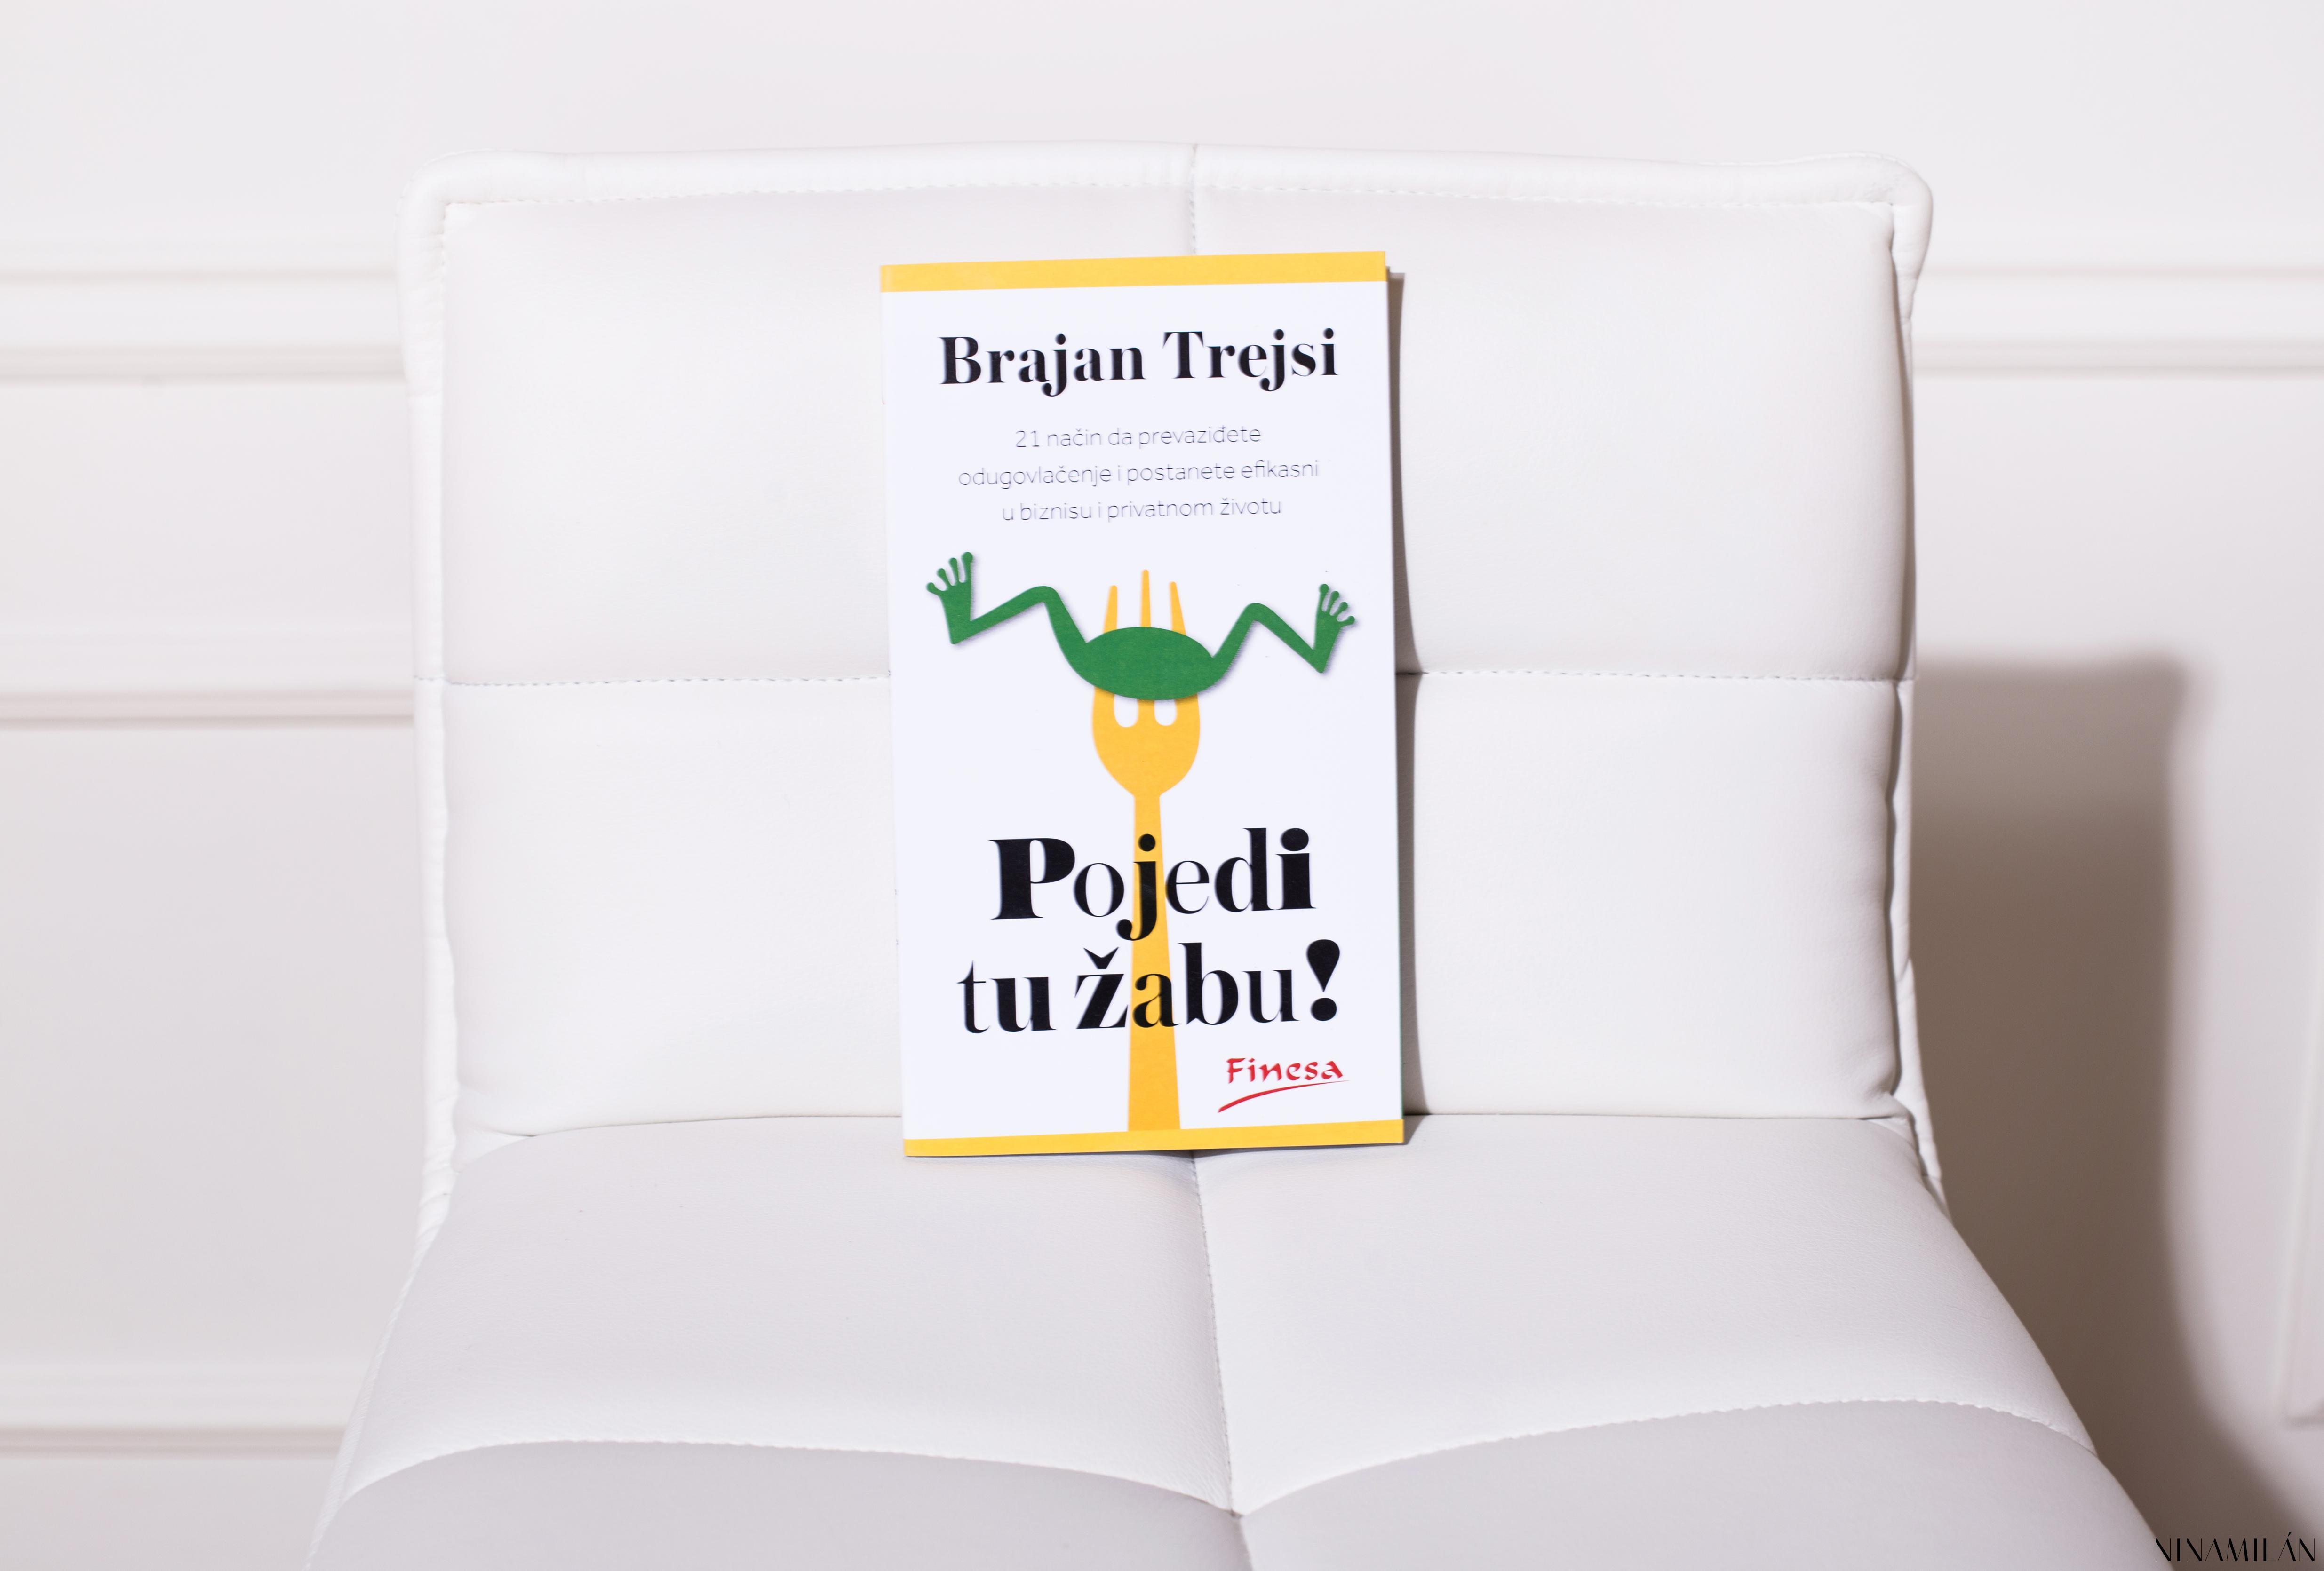 Knjige Pojedi tu žabu